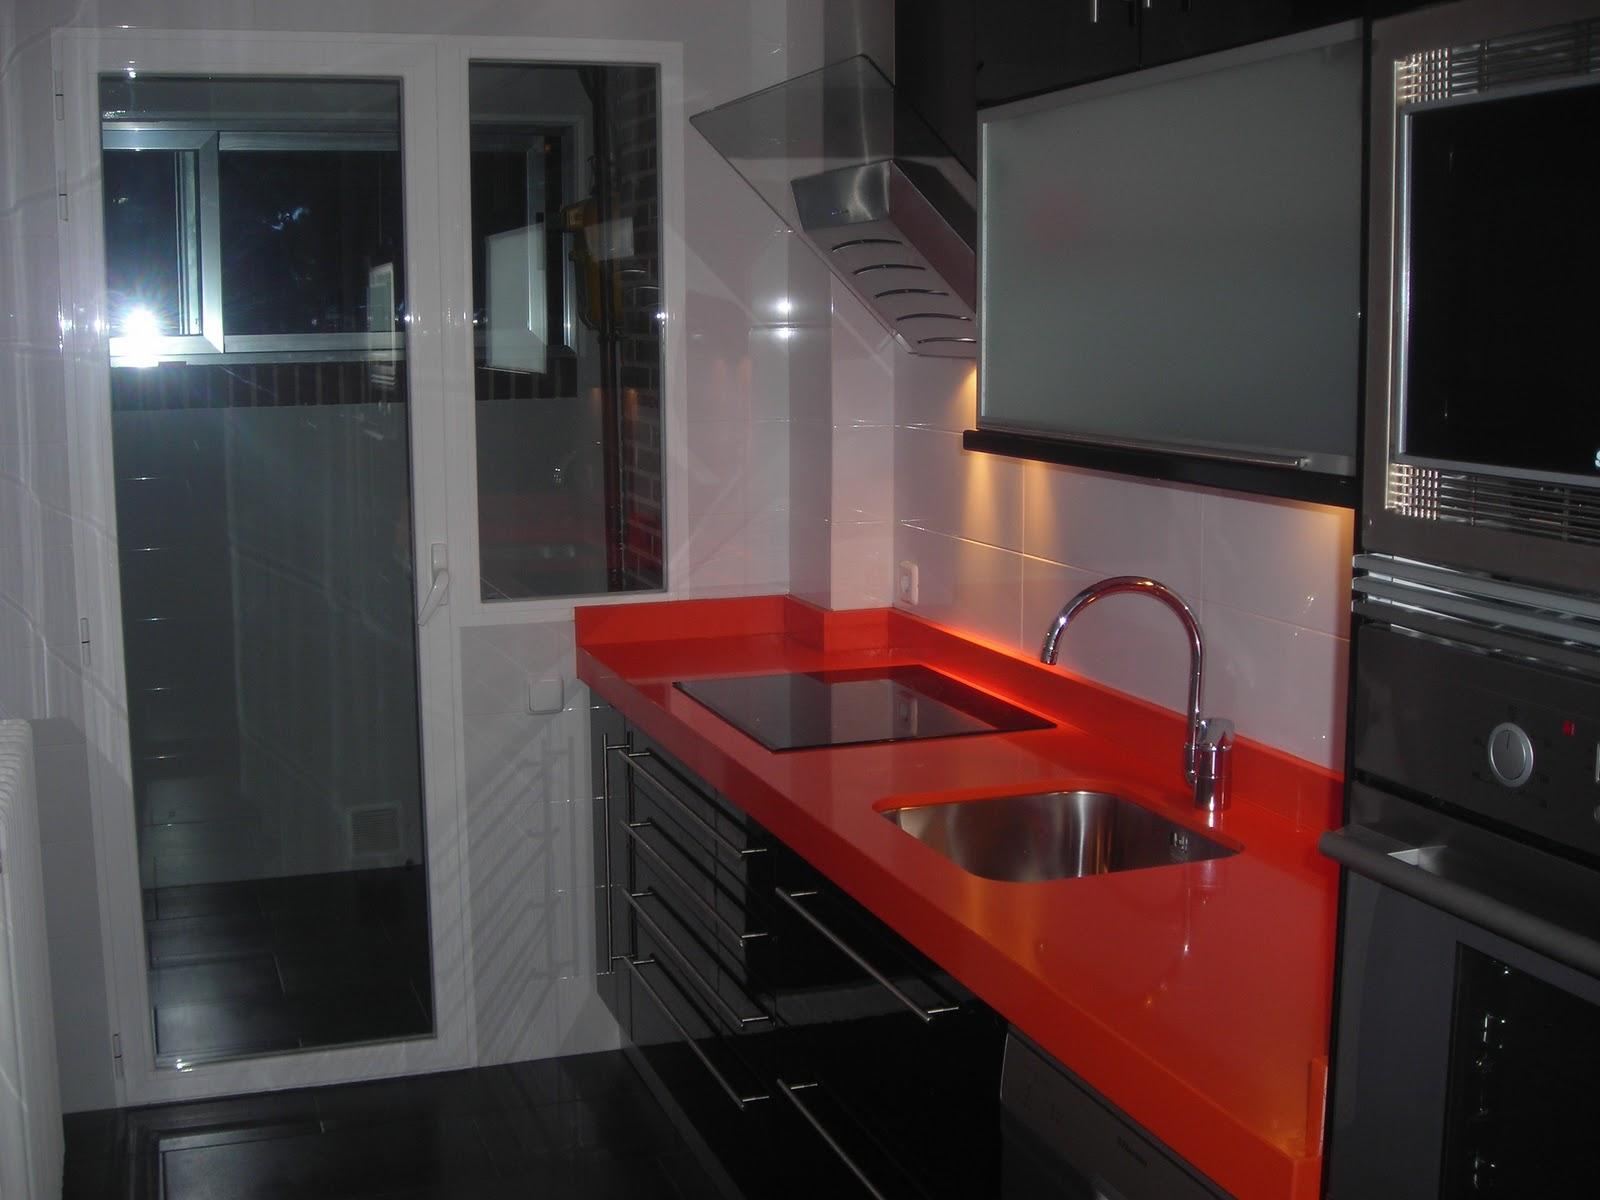 Inkaasa cocinas de granitos y marmol - Cocinas pequenas y baratas ...